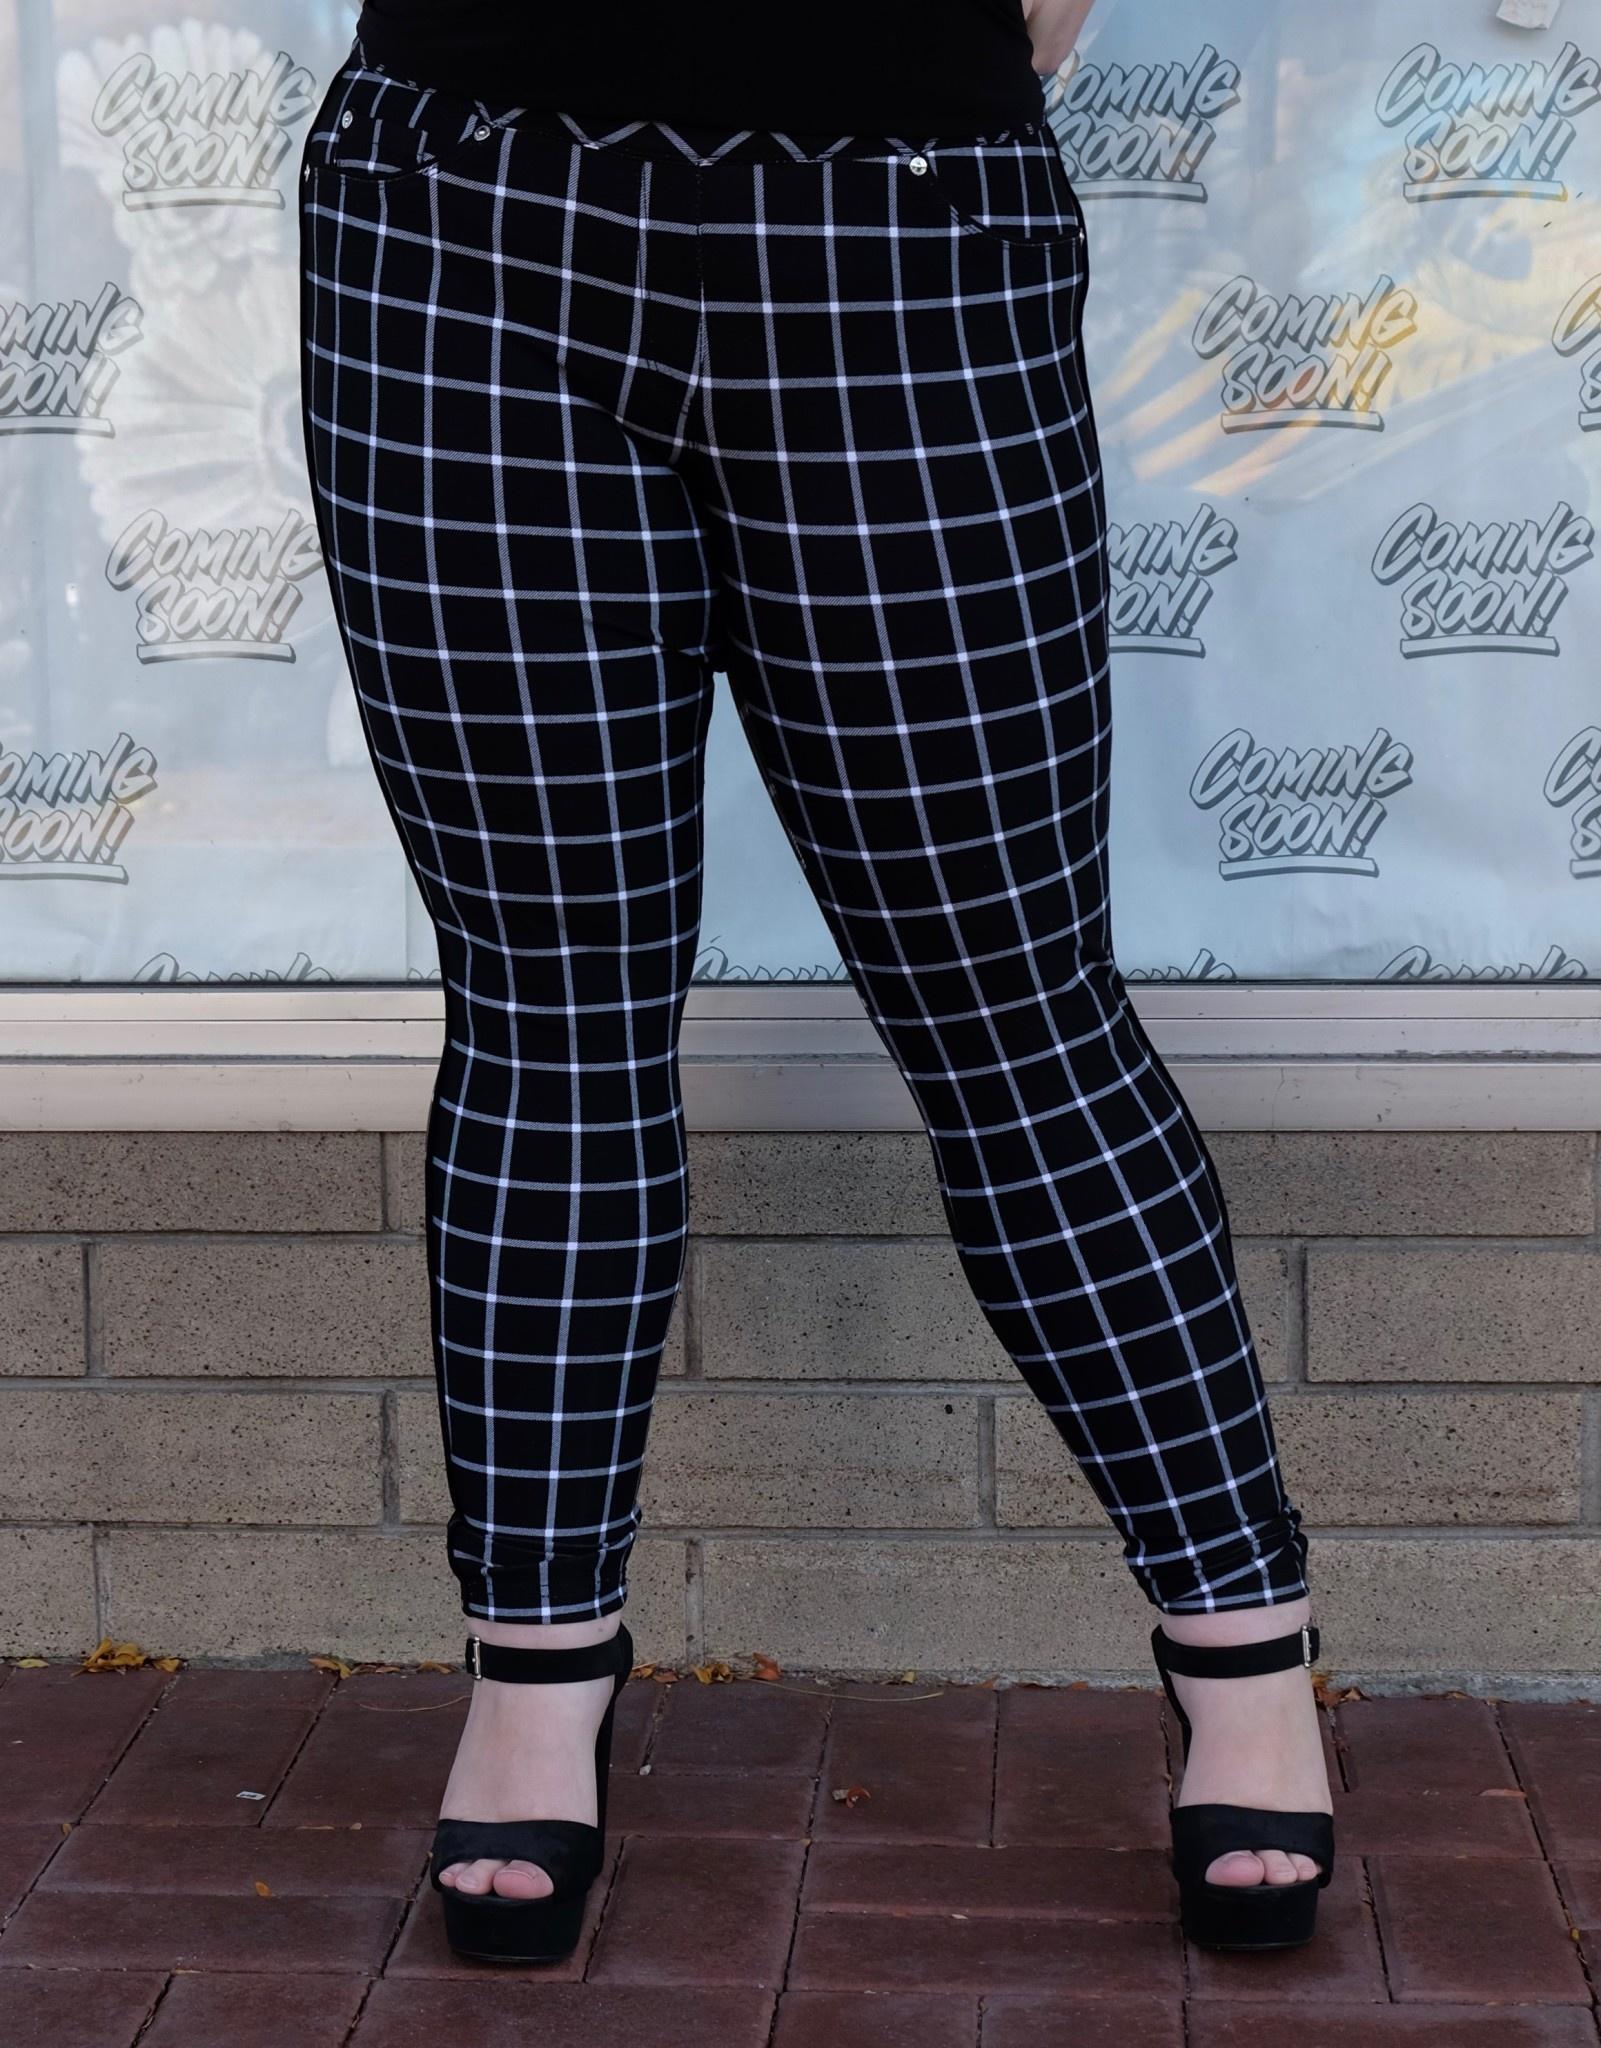 Nygard Slims Daphne Pants